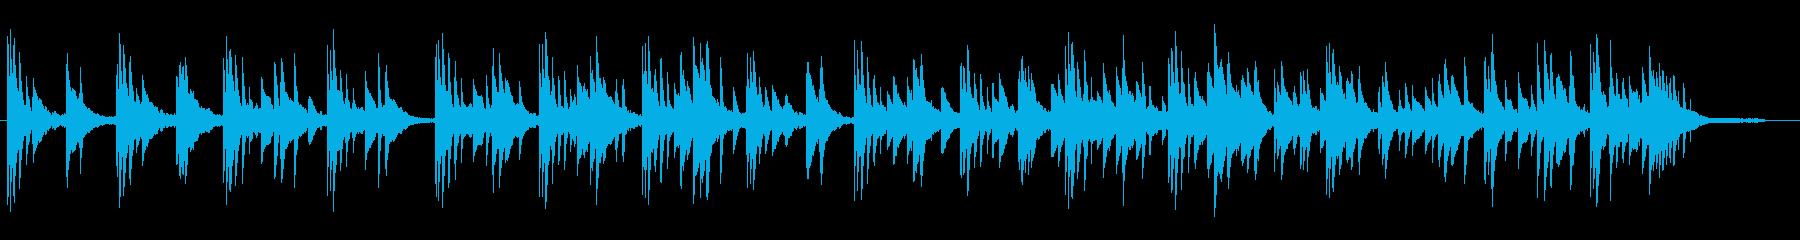 企業VP CM 癒しのピアノ8の再生済みの波形